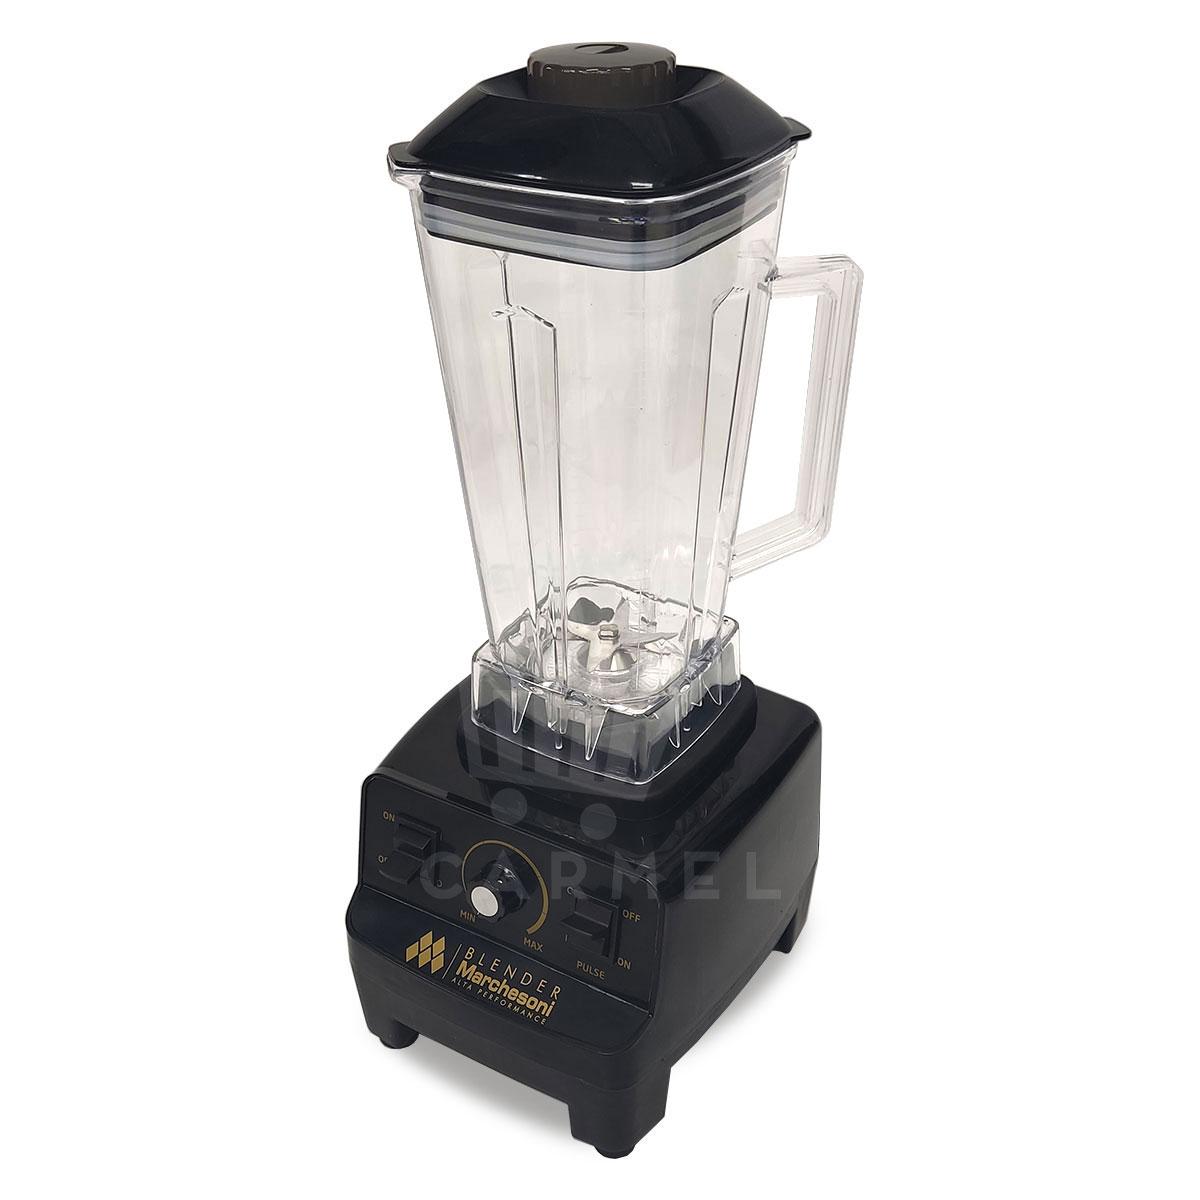 Liquidificador 2 Litros Blender Alta Performance 1400 W Preto Marchesoni